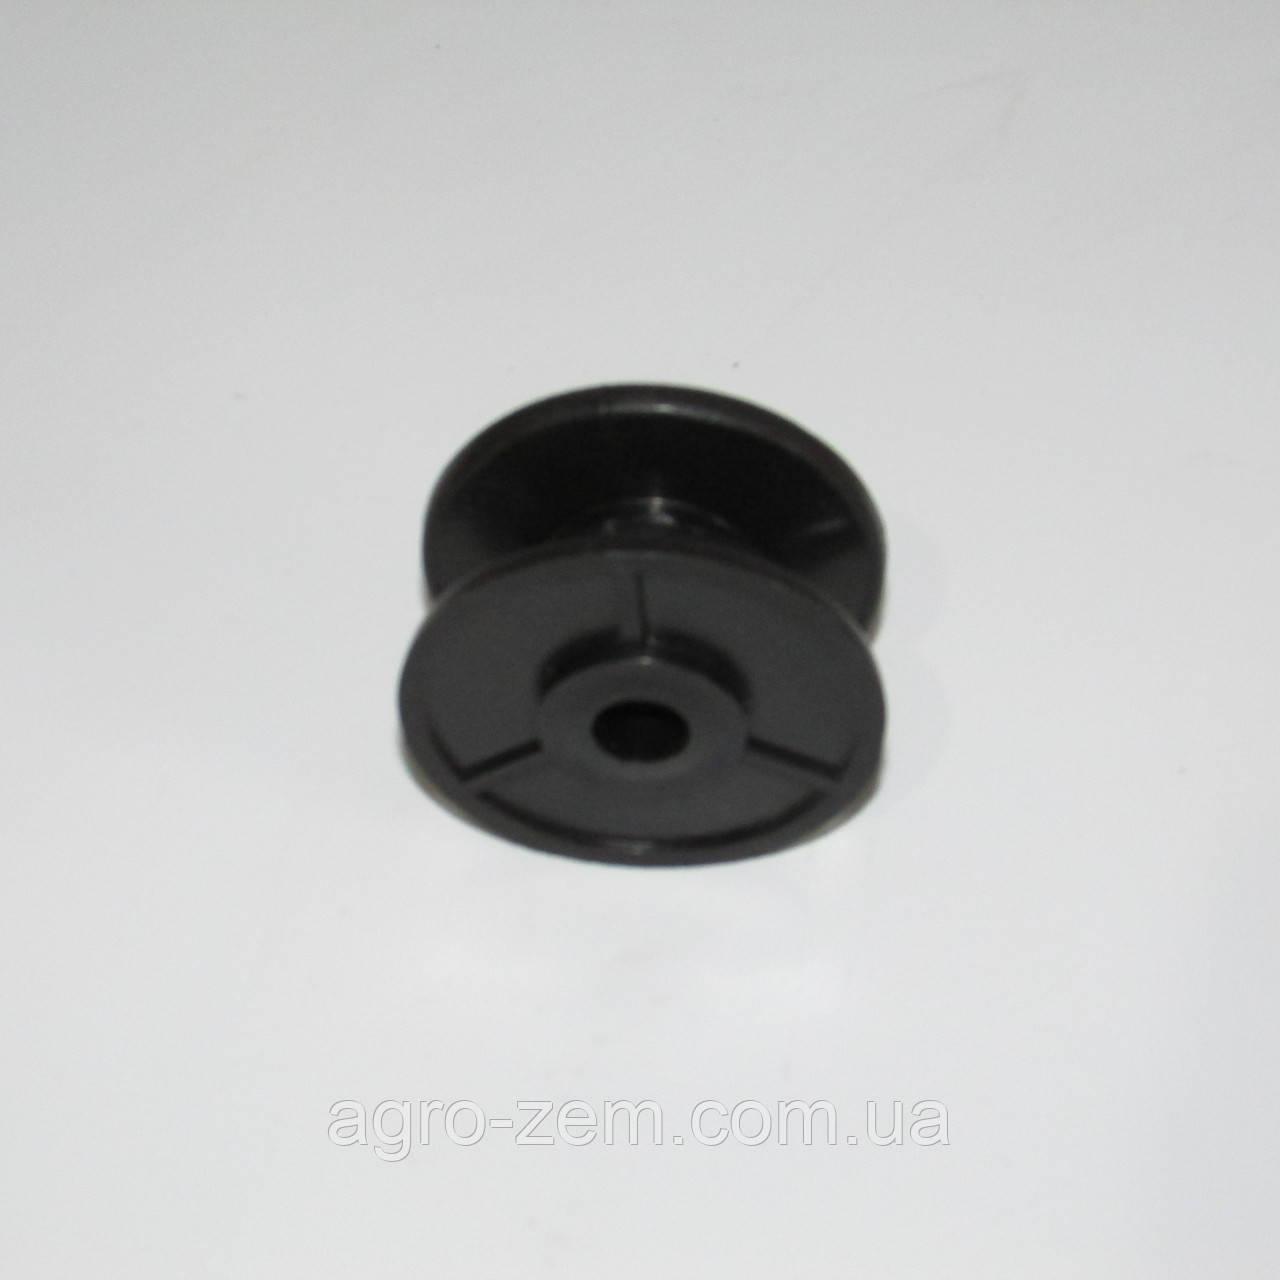 Ролик СУПА 00.016 КРН d-13 (внутр)